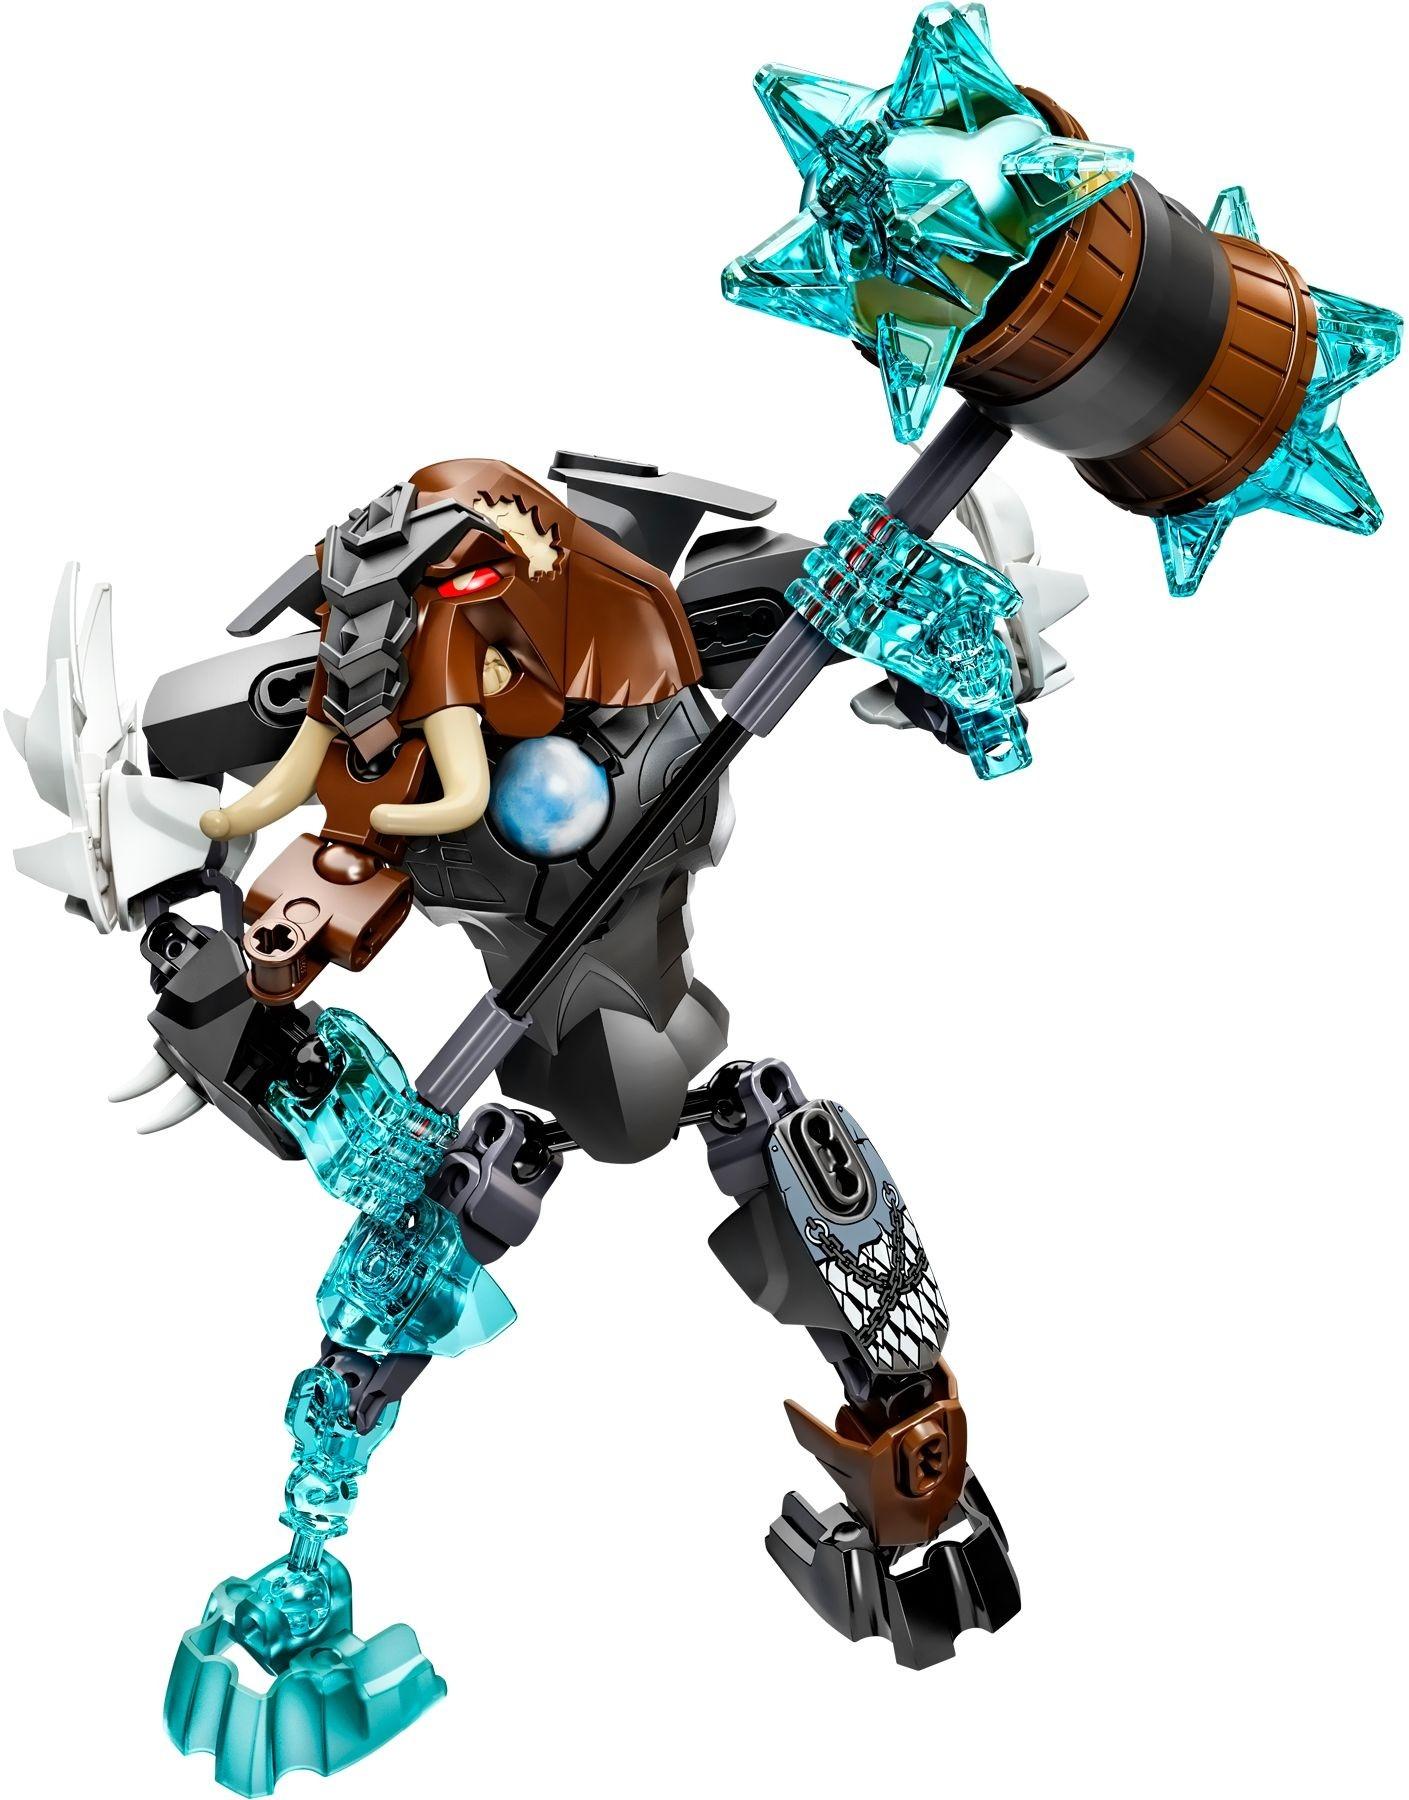 Лего 70209 - ЧИ Мангус Lego